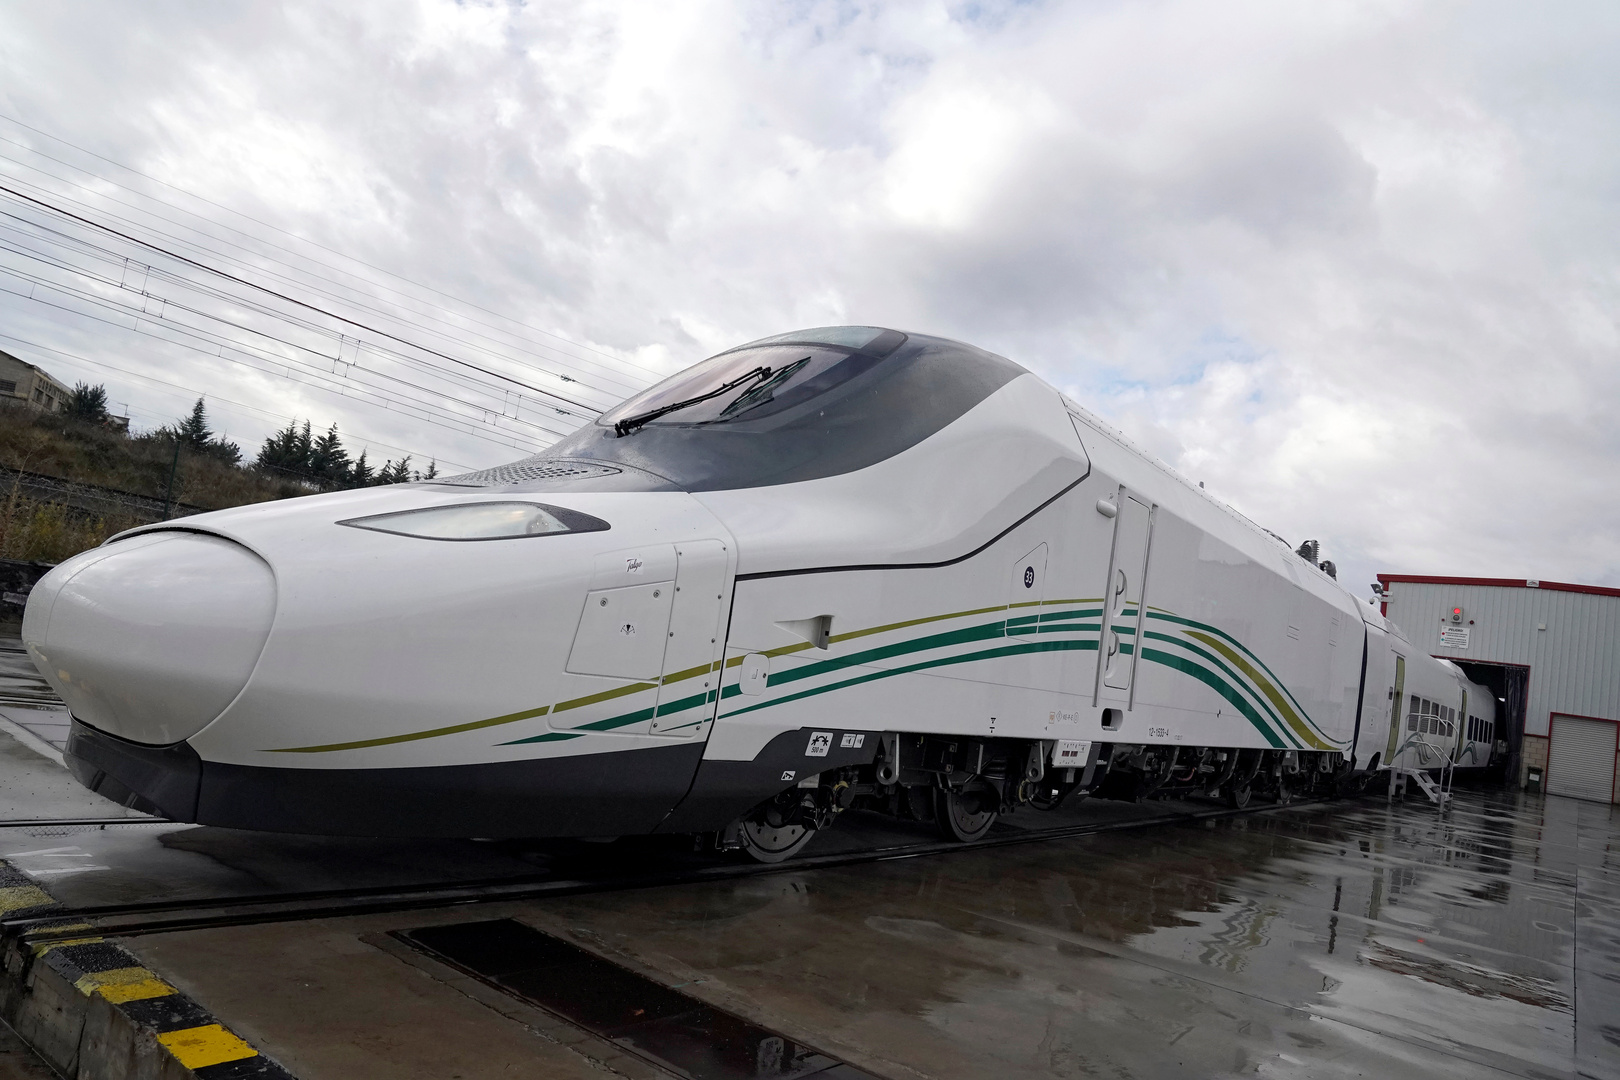 قطار فائق السرعة يربط بين السعودية والإمارات ومن المتوقع جاهزيته في العام القادم